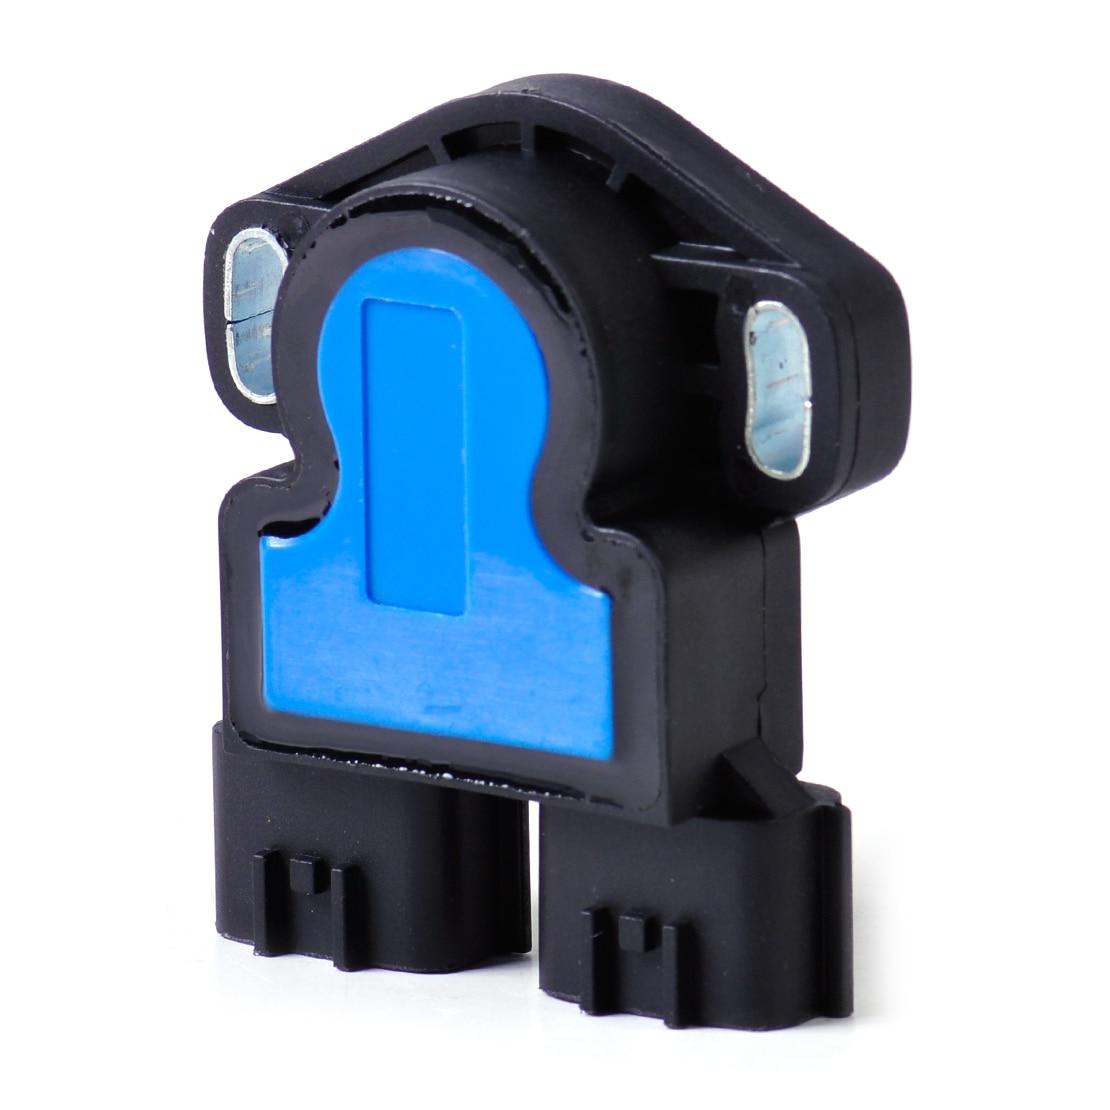 DWCX nuevo Sensor de situación de acelerador TPS 226204P210 226204P21A por la frontera de Nissan Xterra Pathfinder Infiniti QX4 ITPSNS001 CTP009